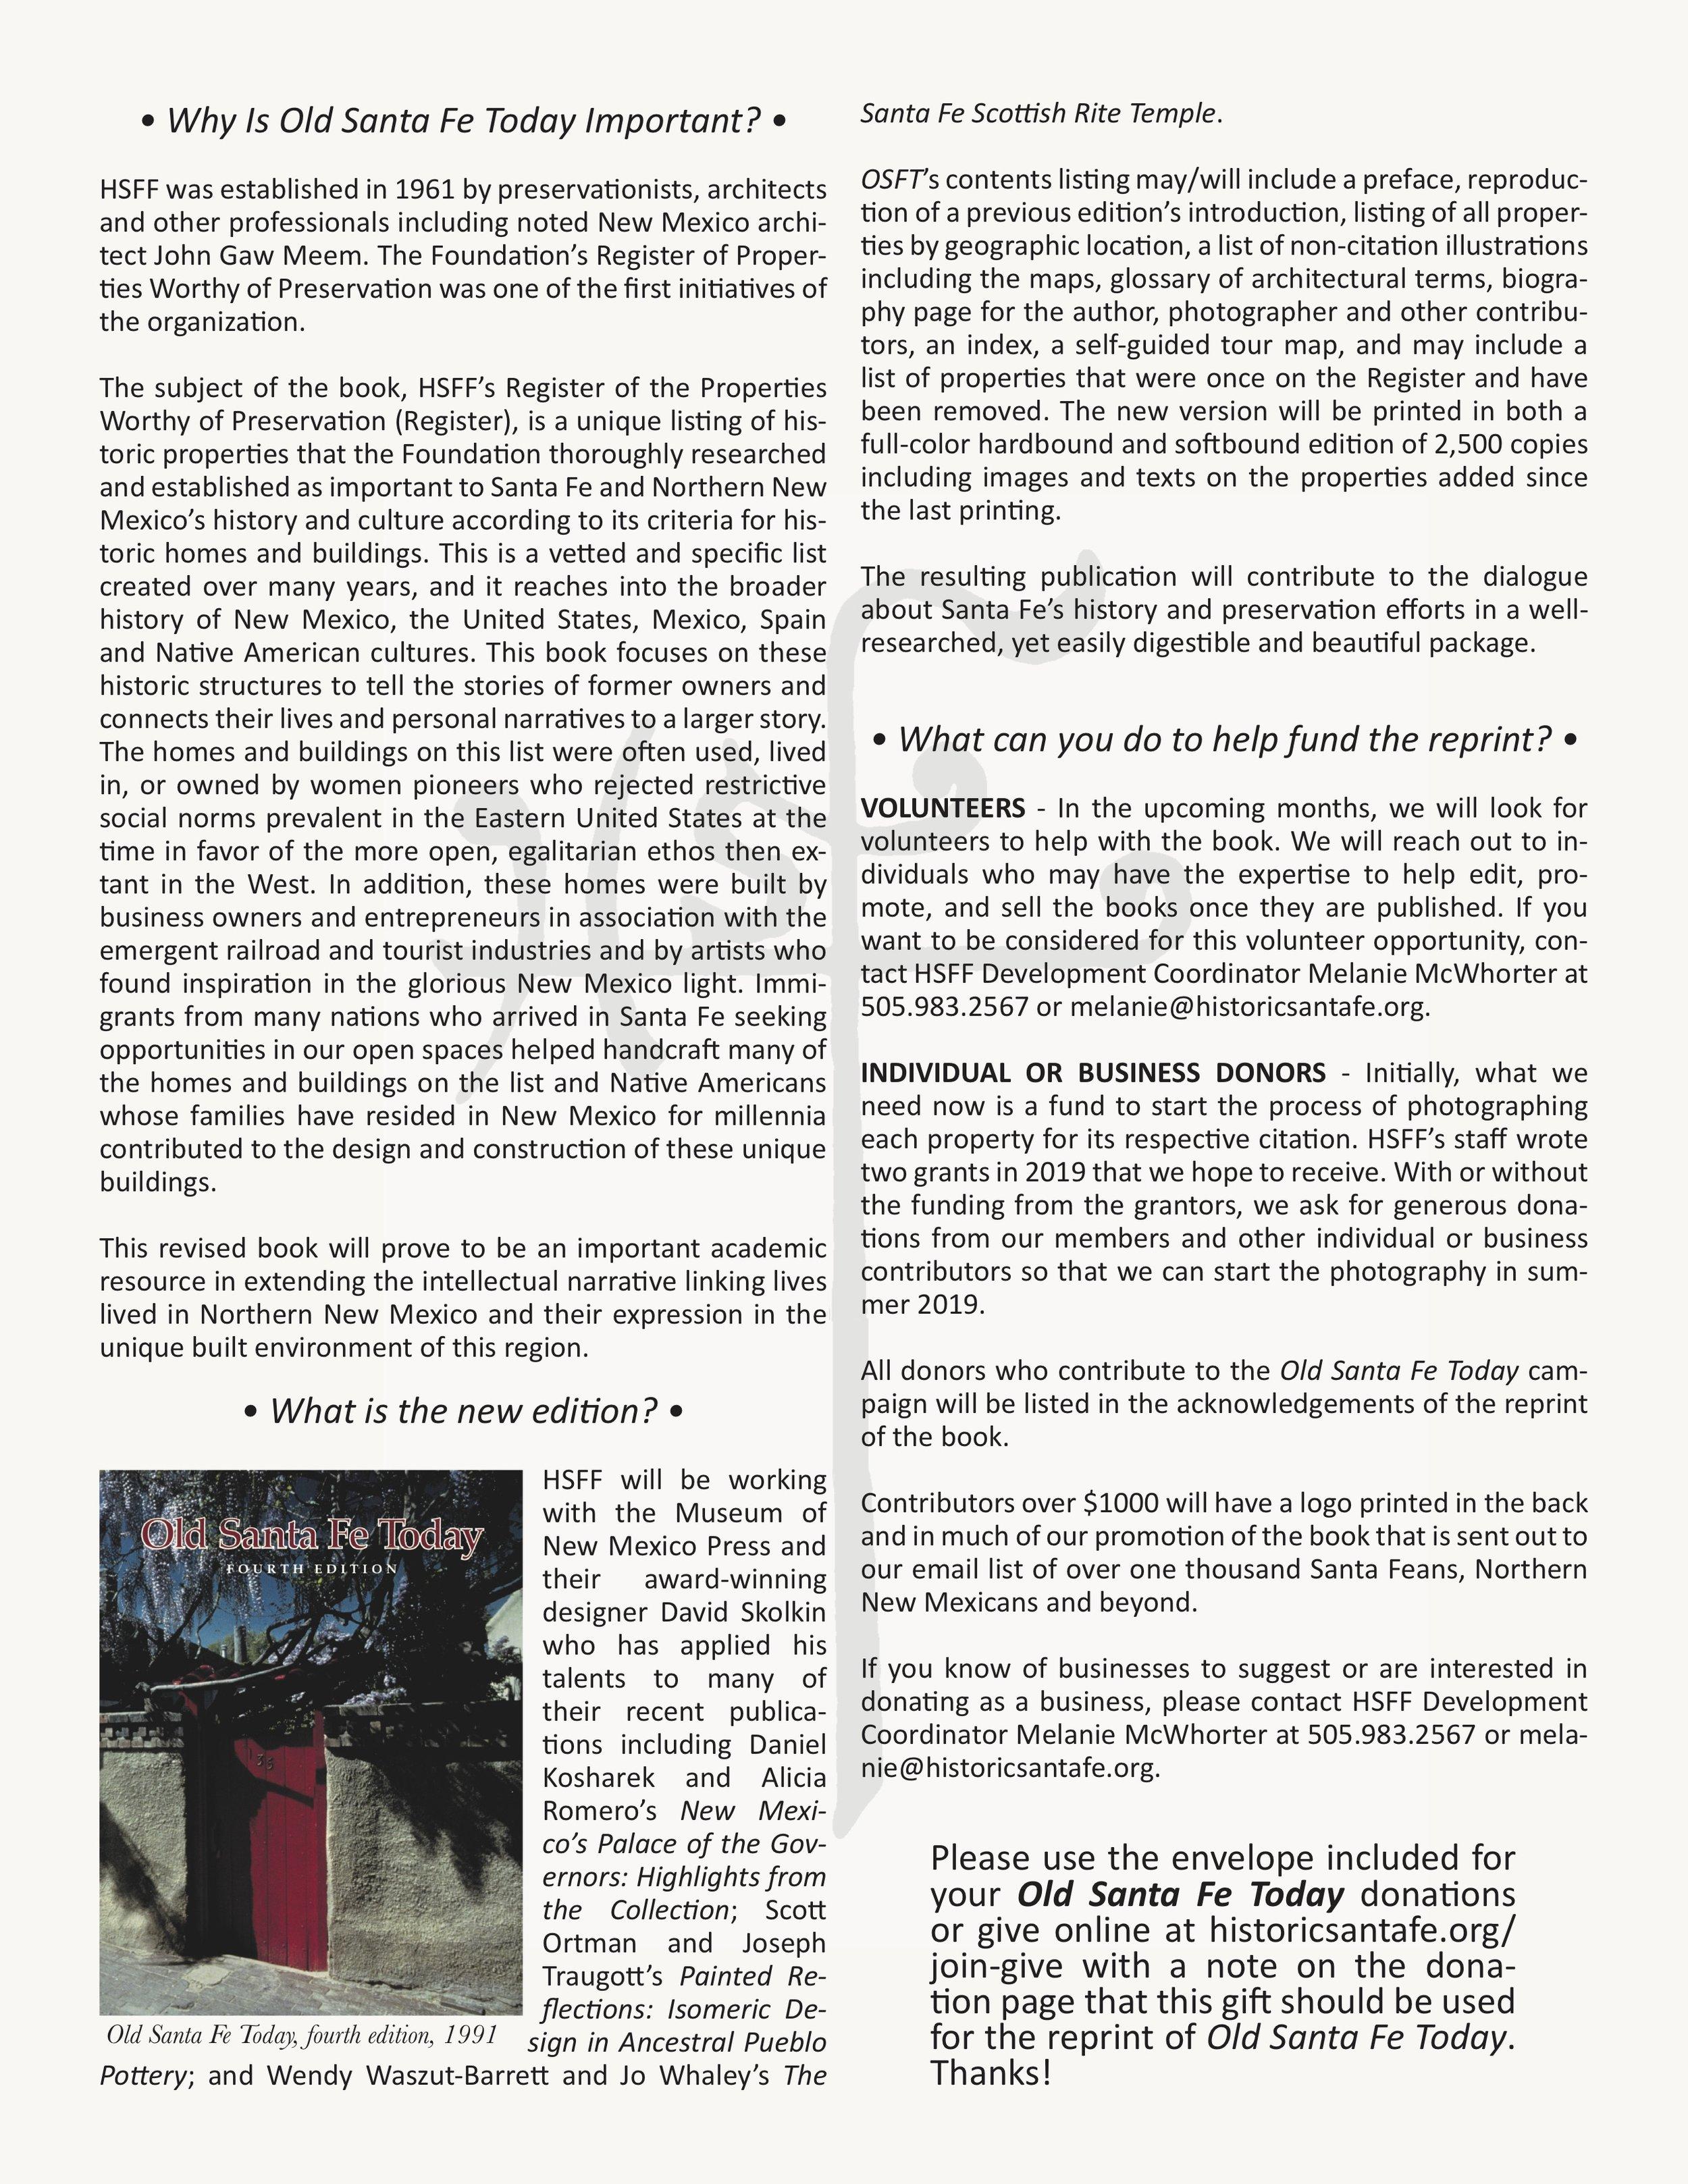 HSFFSpring2019_PrintedNewsletterFinal_WebPage7.jpg